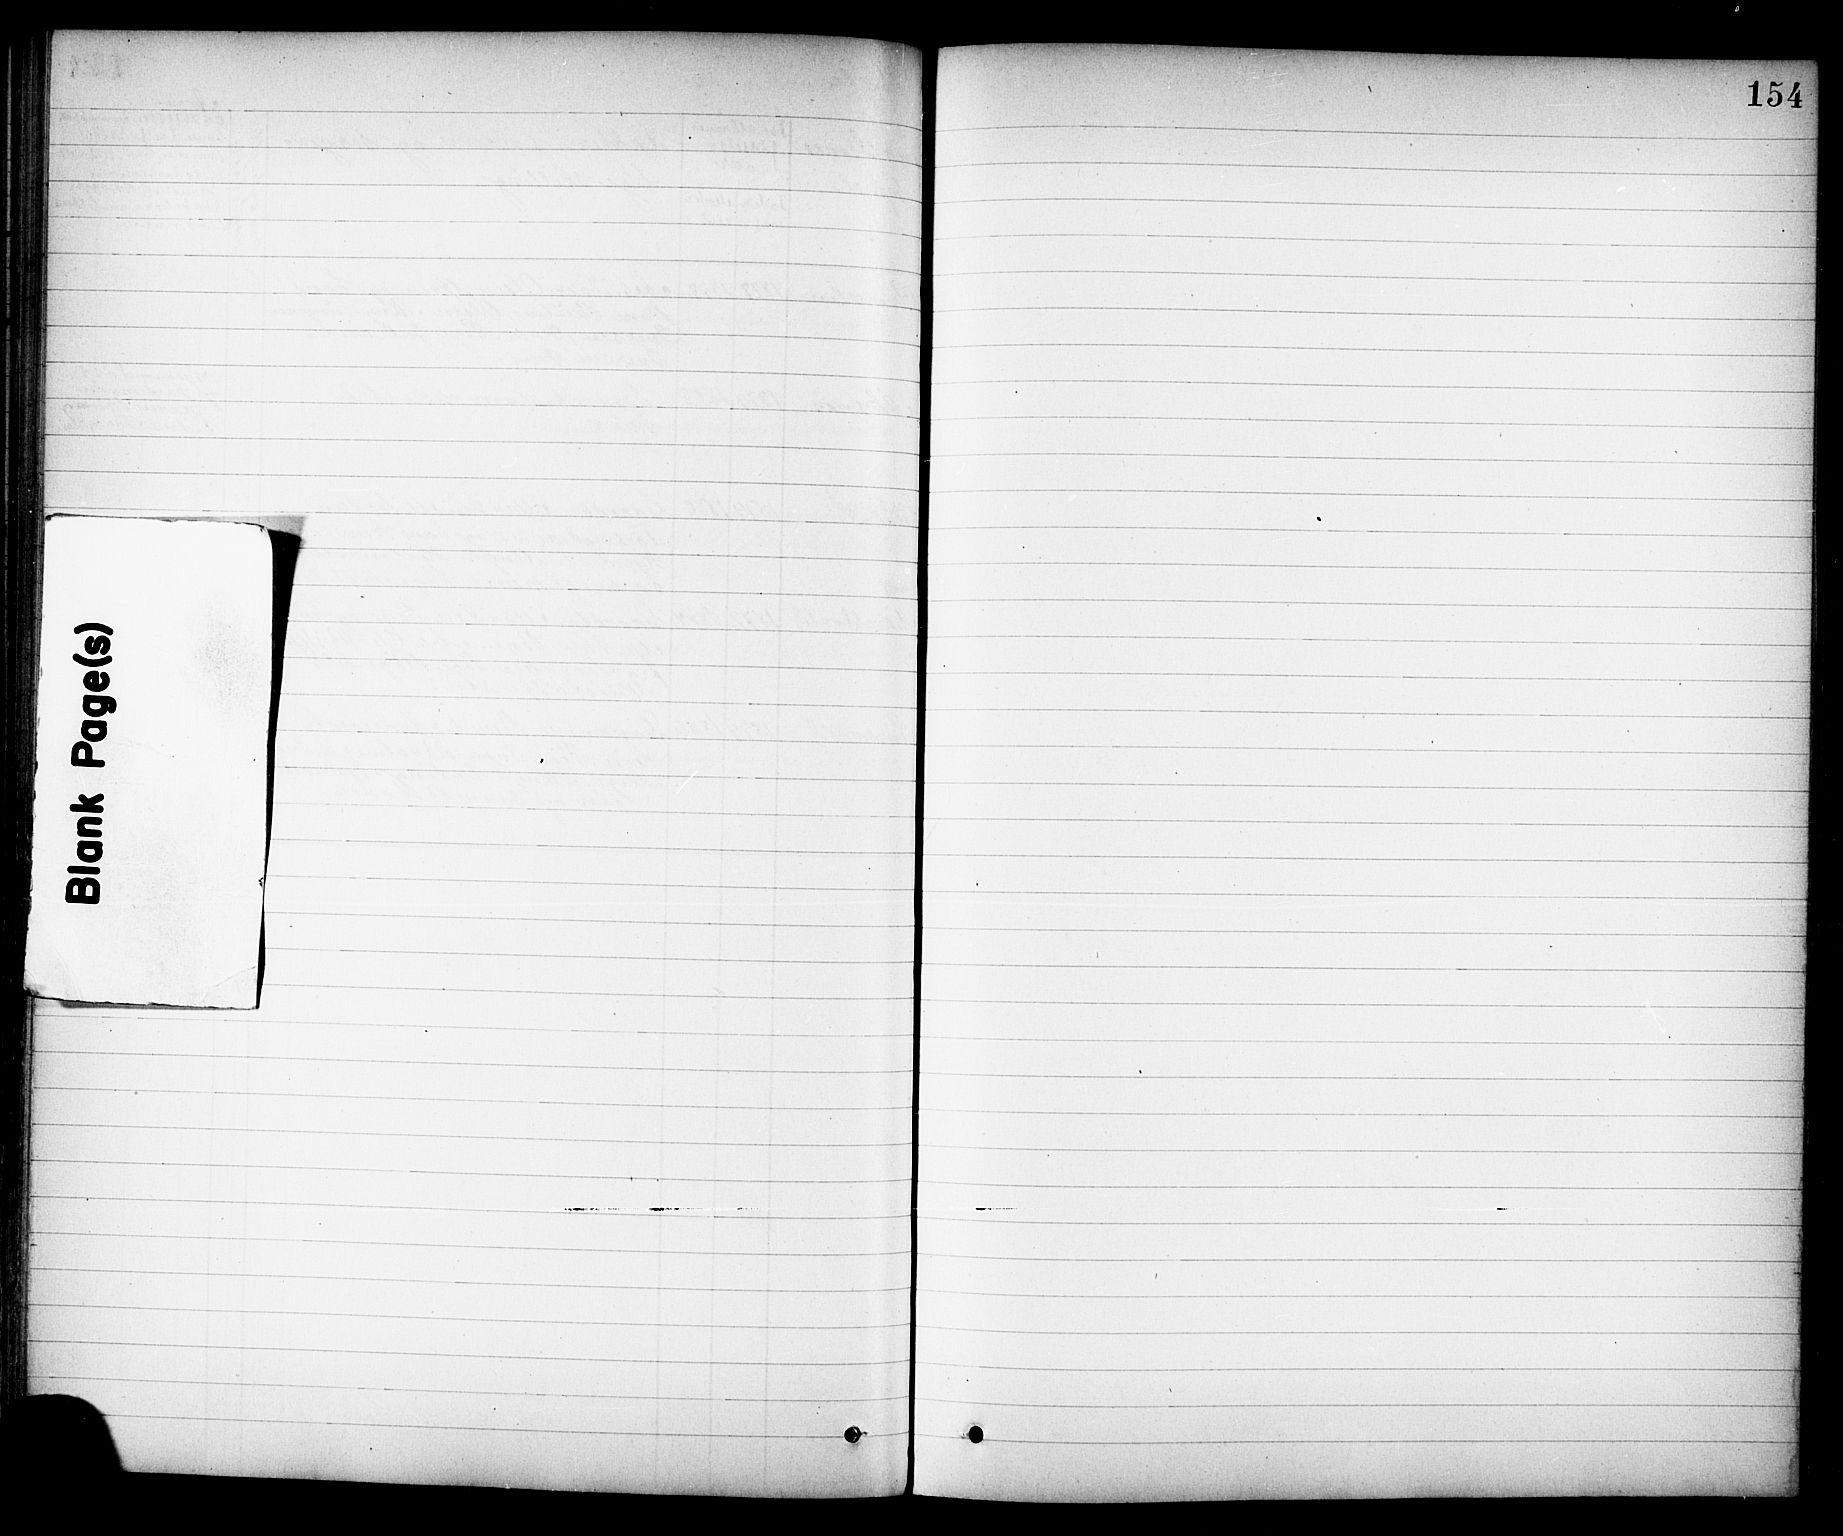 SAT, Ministerialprotokoller, klokkerbøker og fødselsregistre - Nord-Trøndelag, 723/L0257: Klokkerbok nr. 723C05, 1890-1907, s. 154